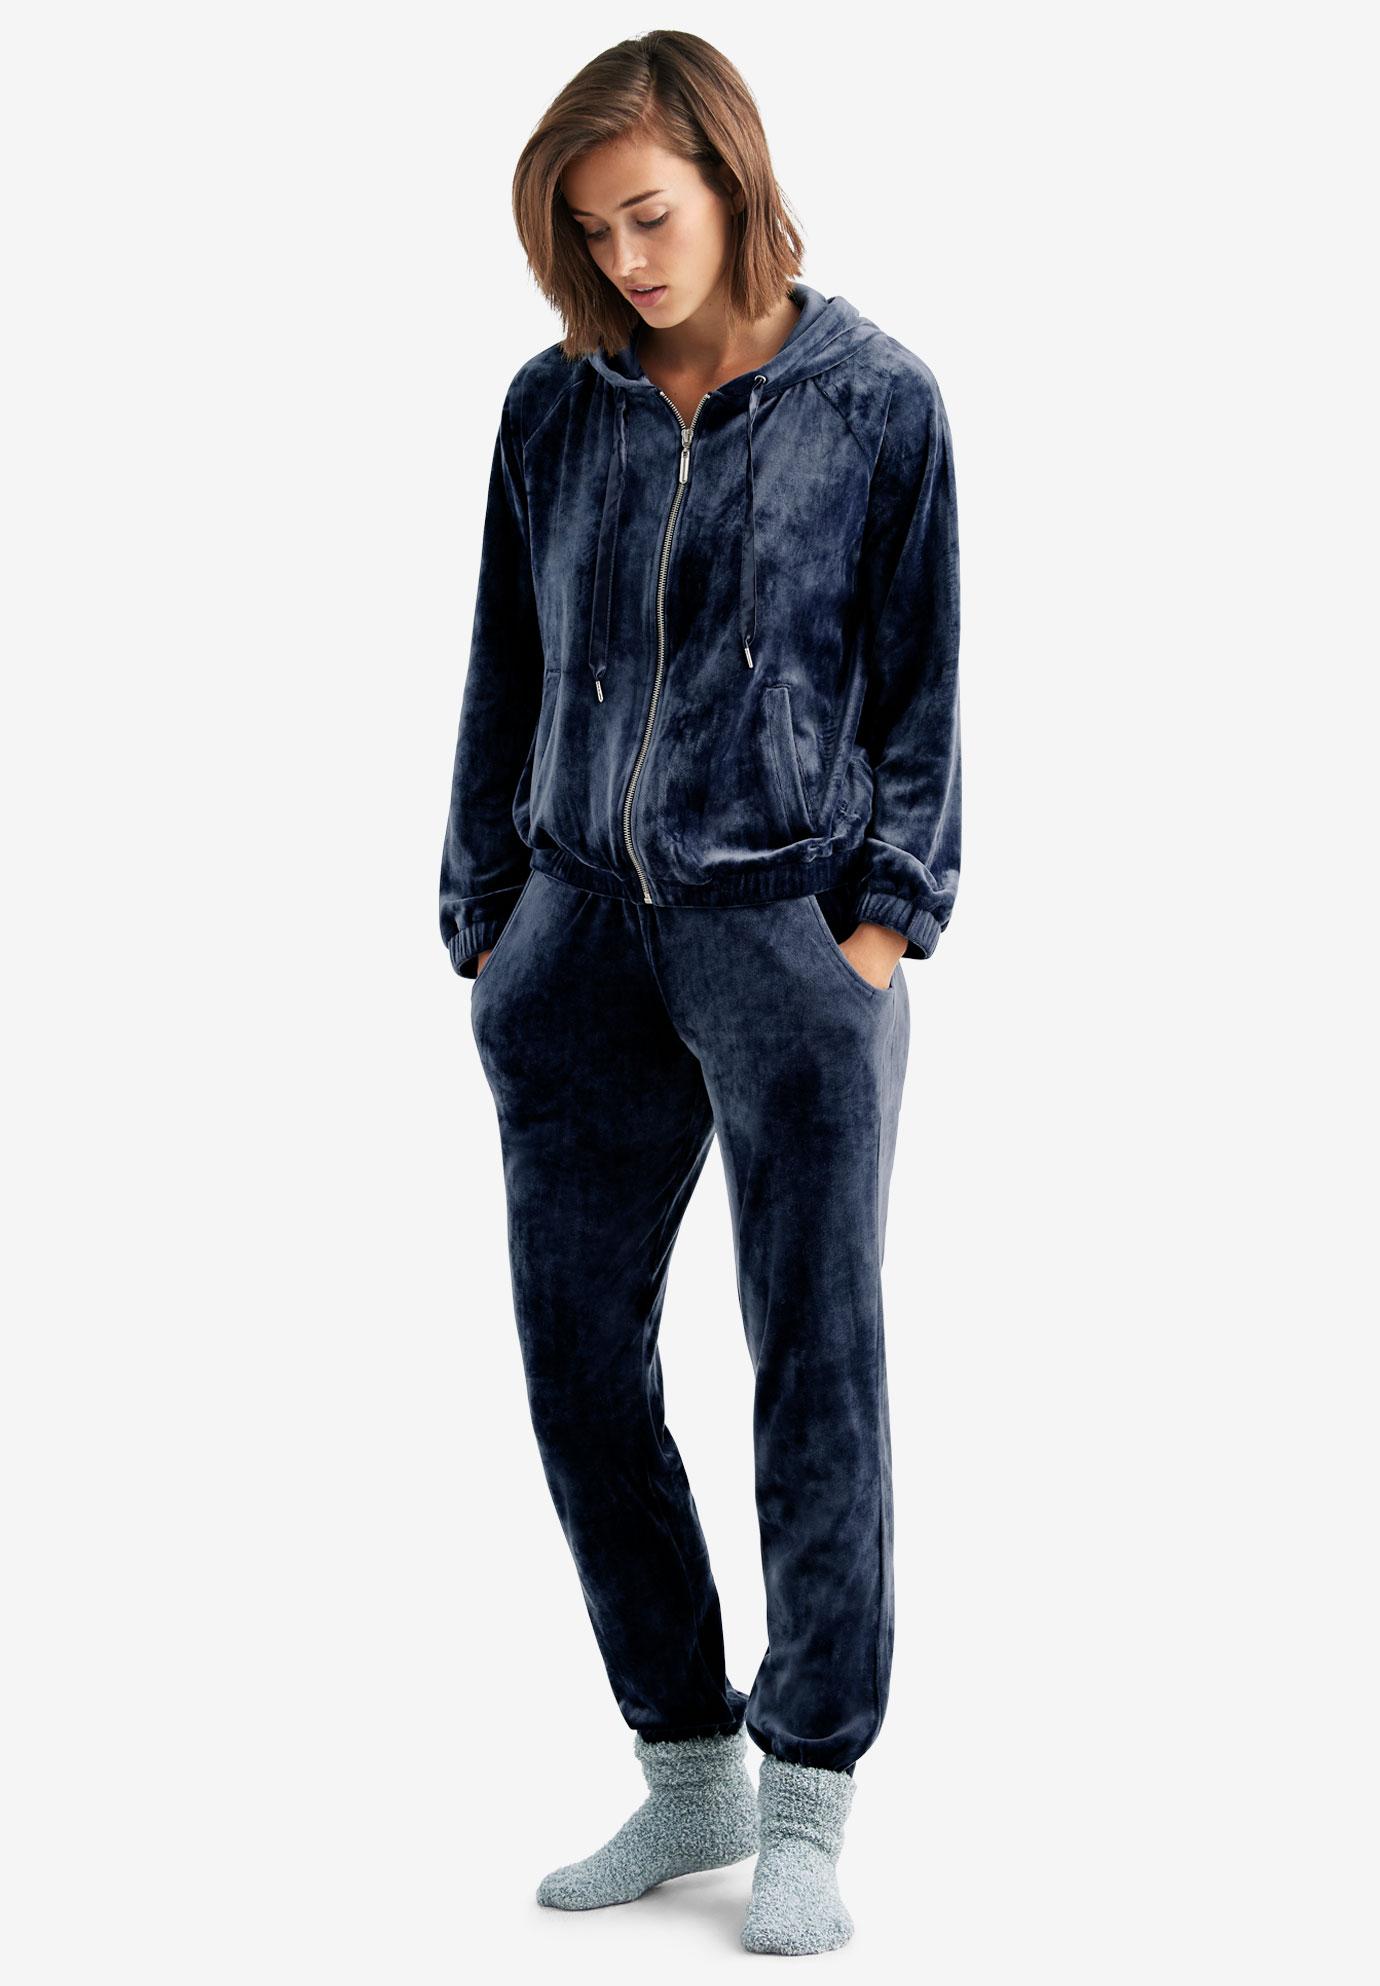 Velour Jogger By Ellos Plus Size Pants